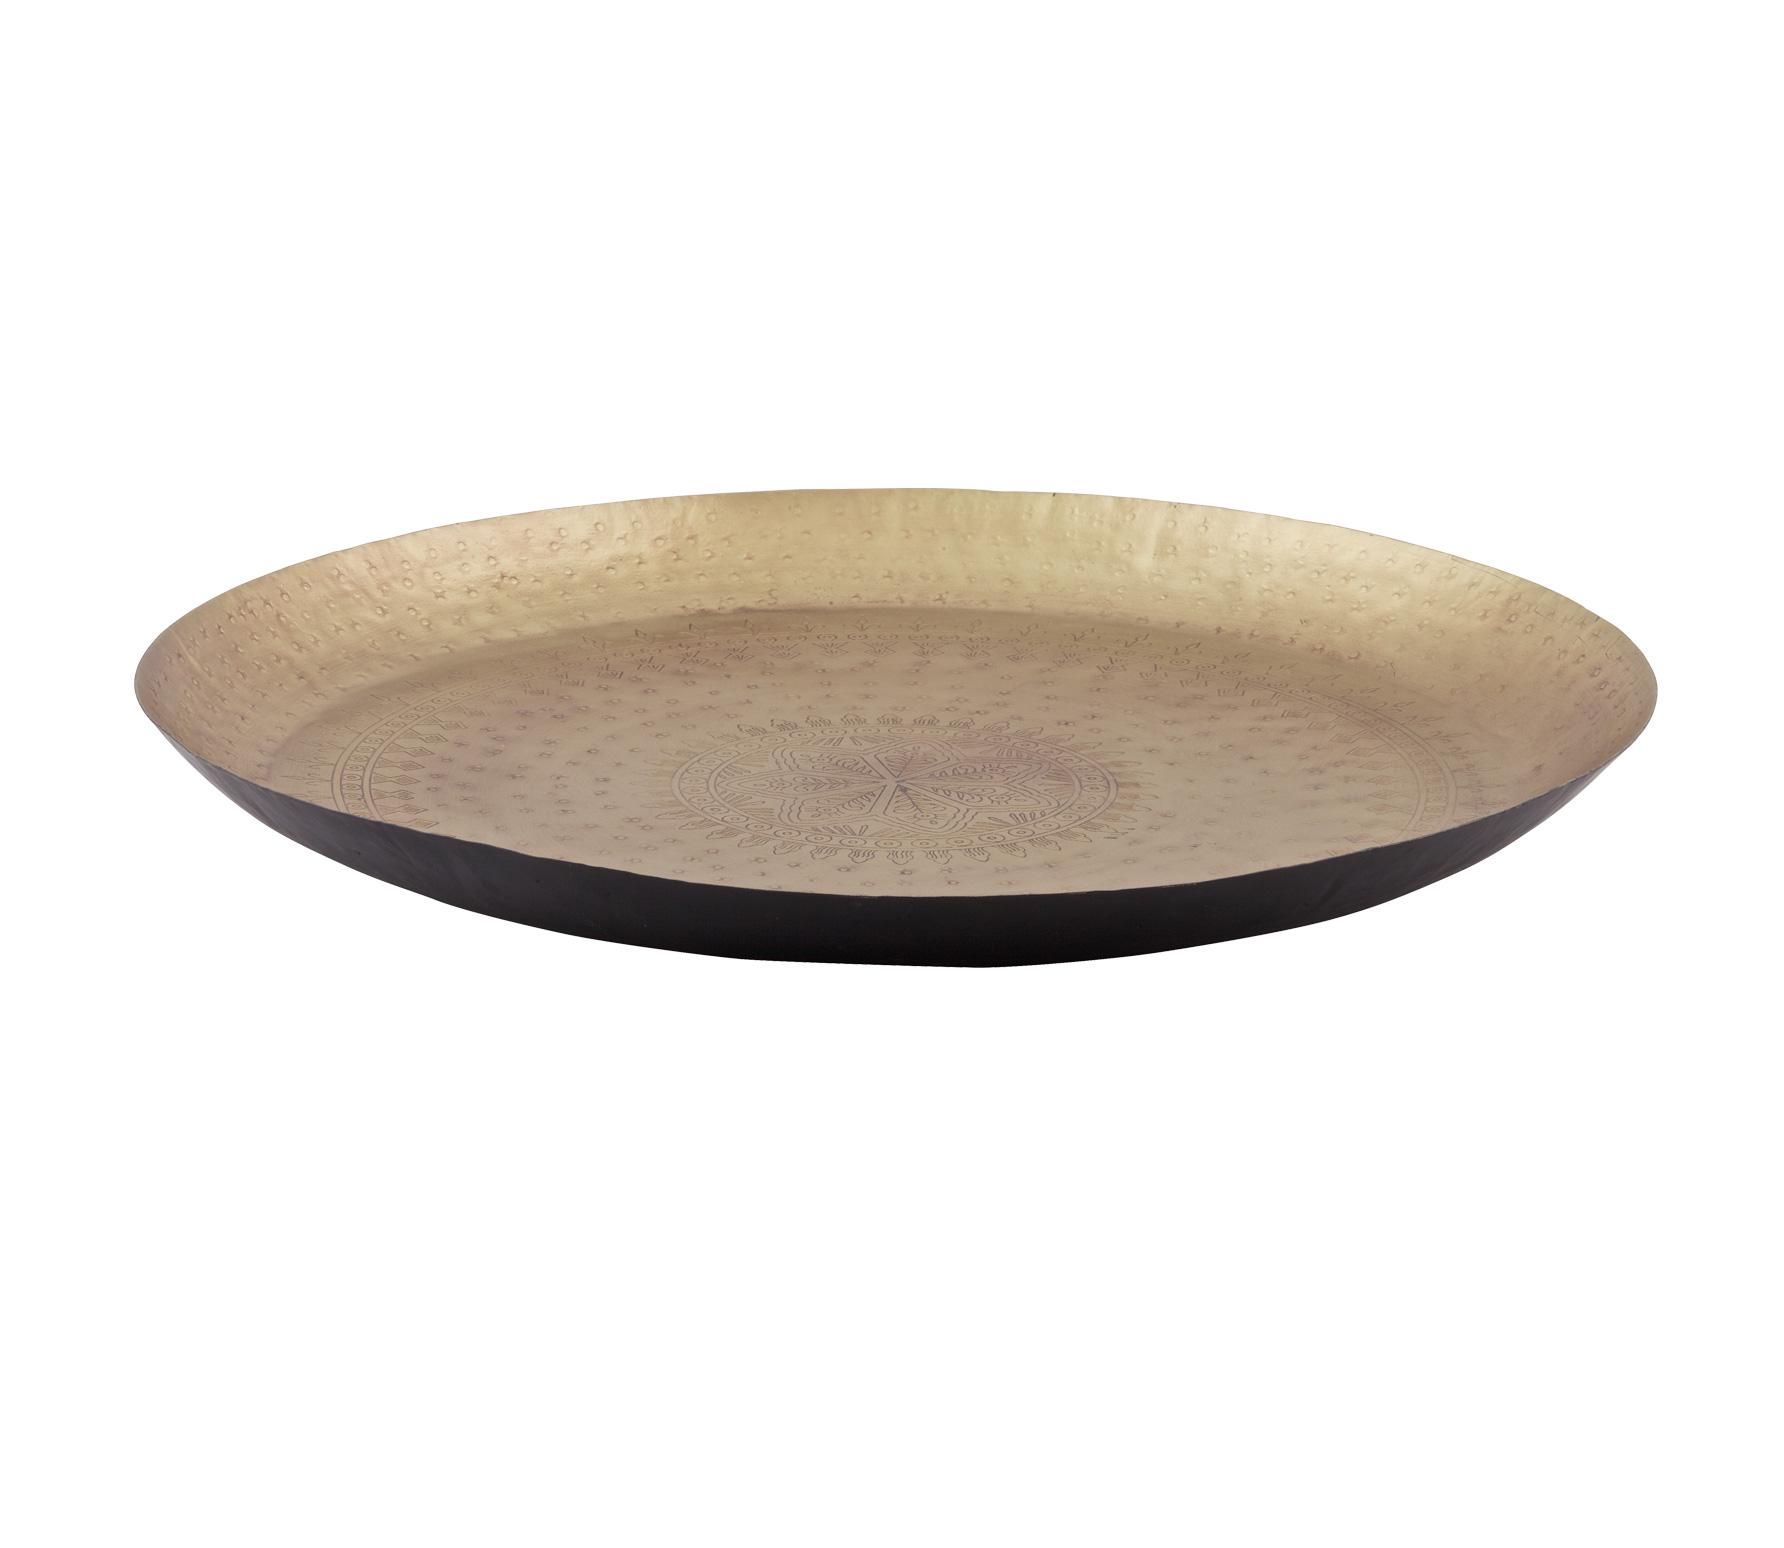 BePureHome Iron lady schaal/dienblad ø55 cm mat brass metaal